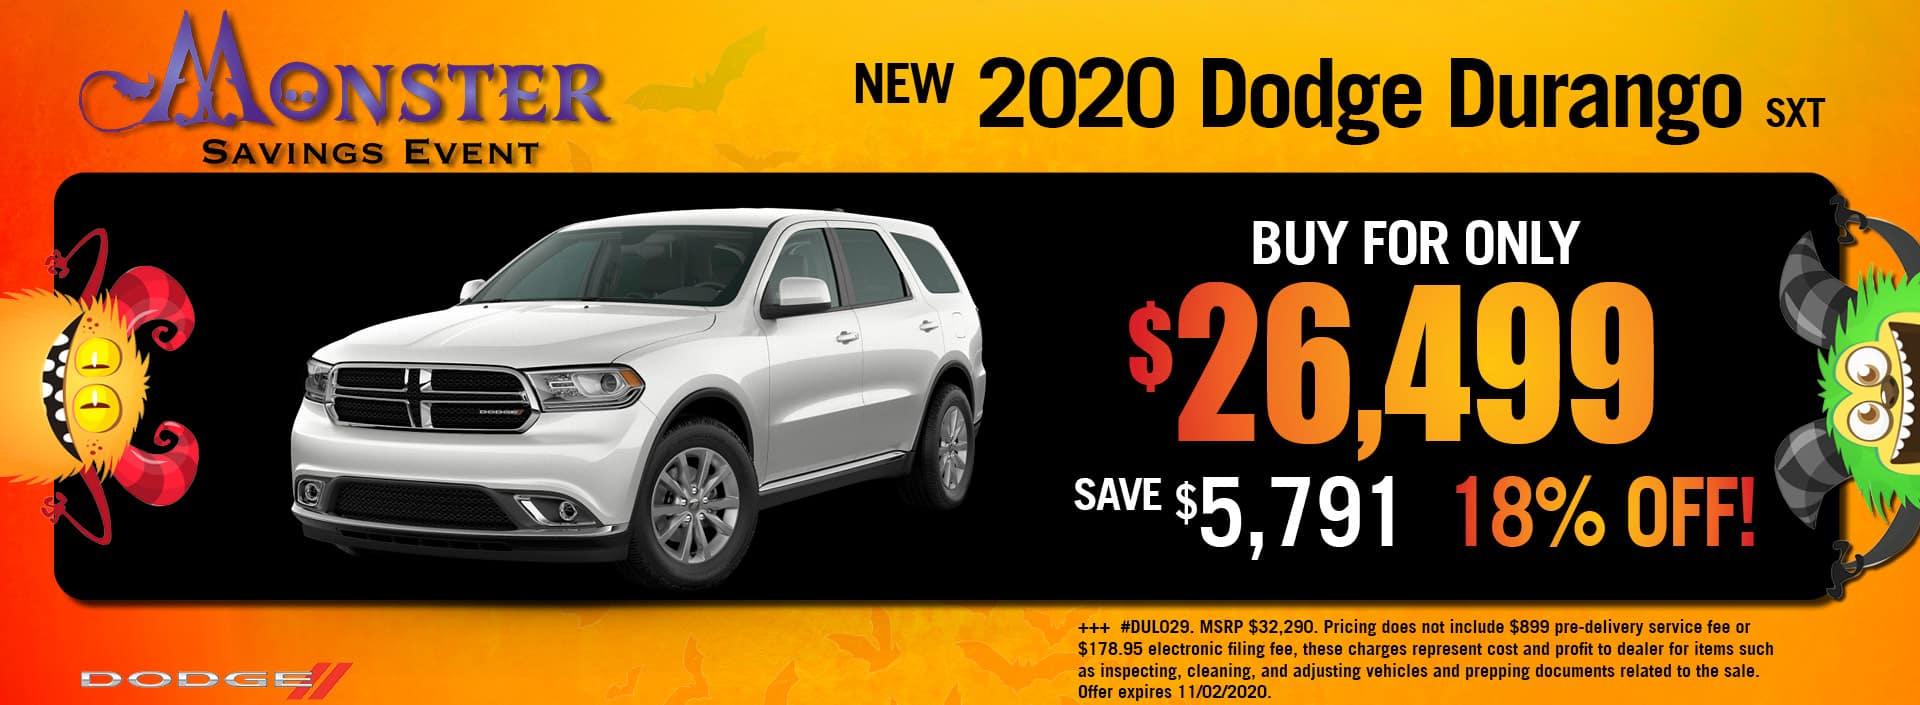 2020 Durango-26499